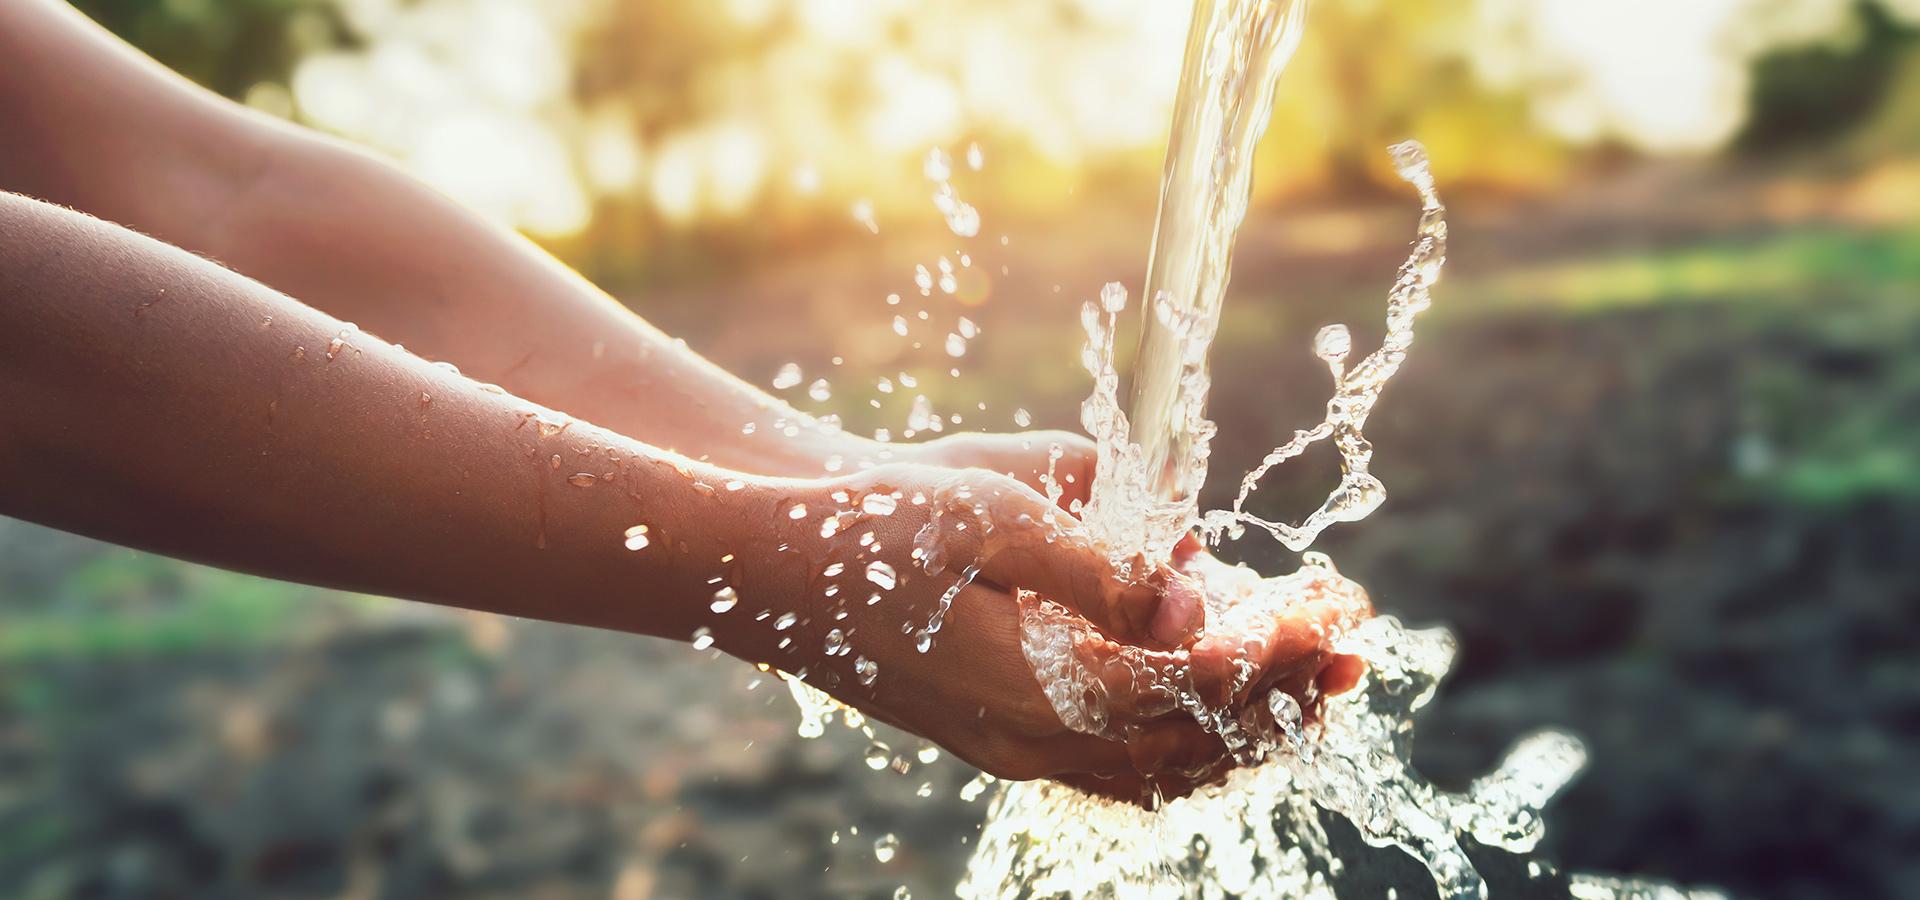 Hands under clean water